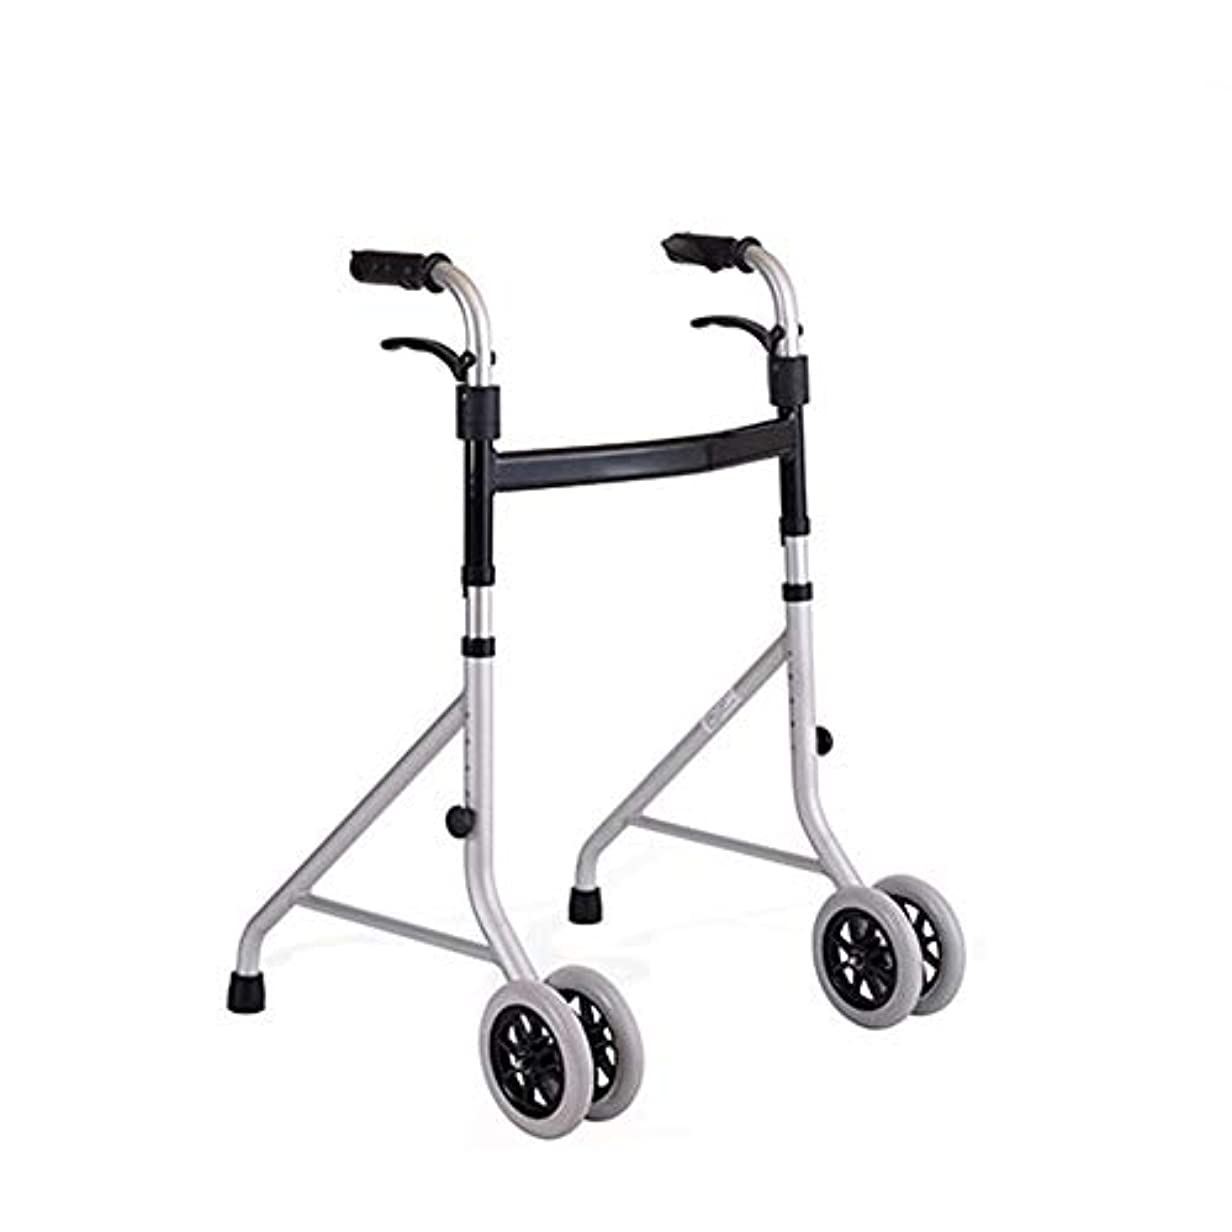 望むシャークプロフェッショナル折りたたみ式軽量アルミニウム歩行フレーム/ジマー/ 4車輪付き歩行器-高さ調節可能 (Color : Gray)